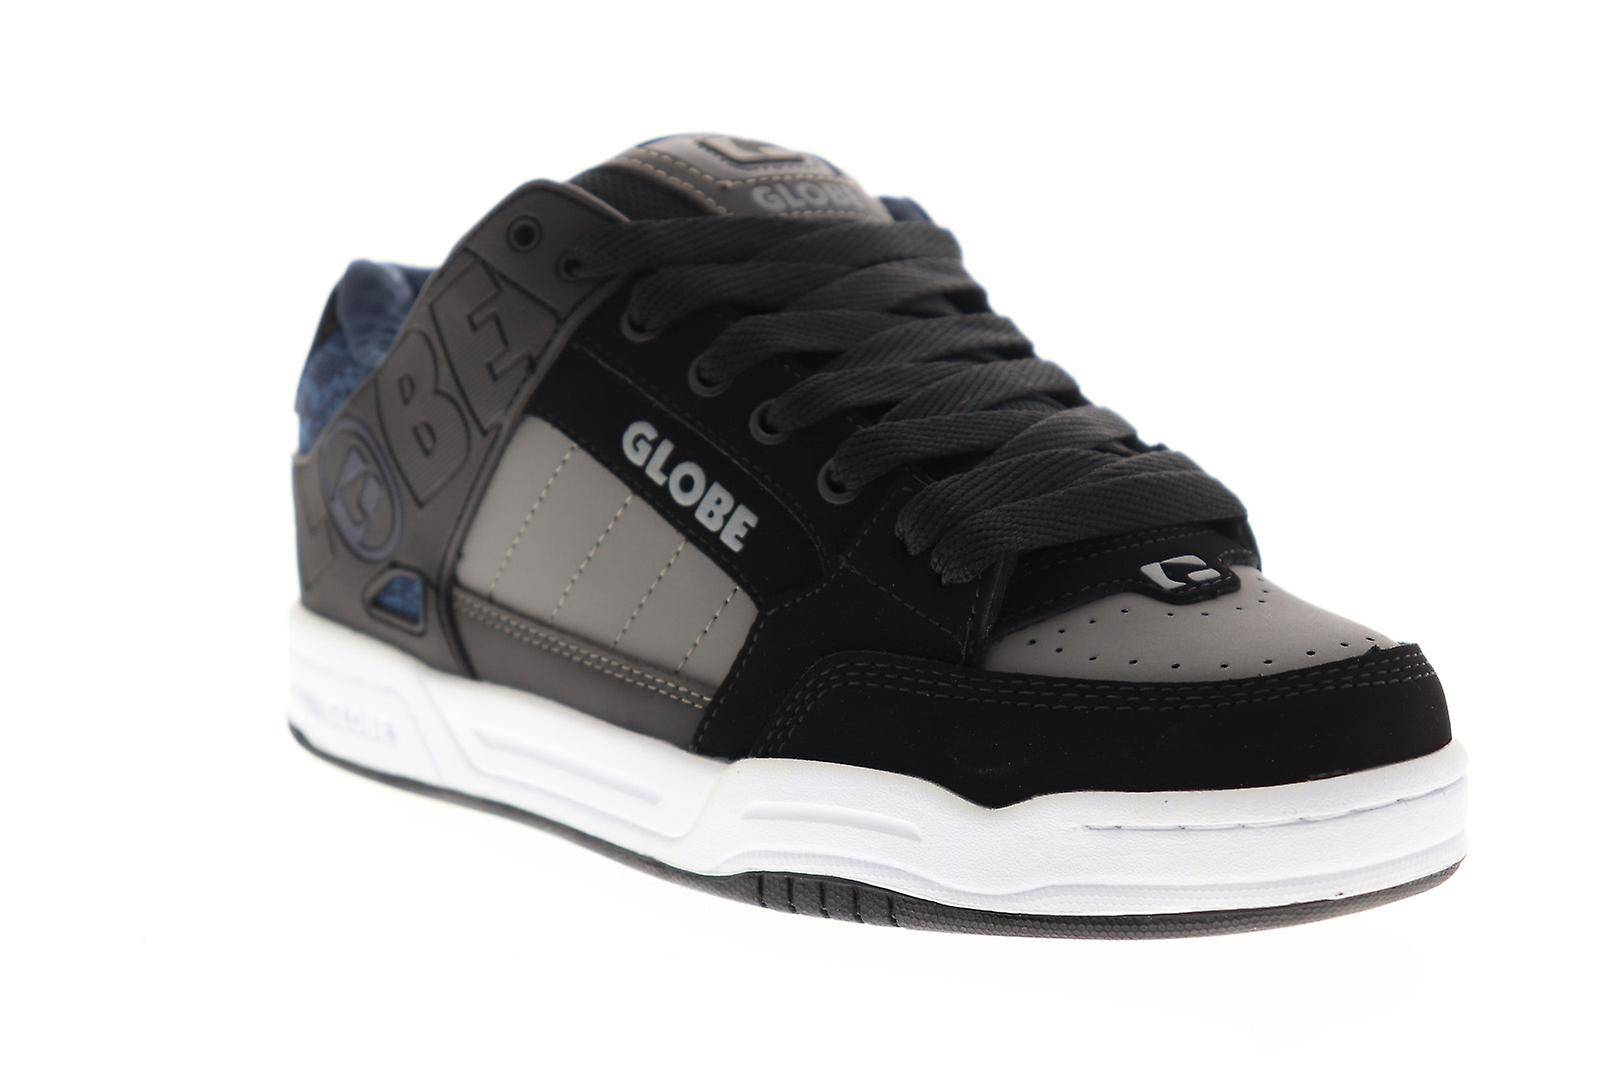 Globe Tilt Hommes Noir Synthétique Athletic Lace Up Chaussures de s...